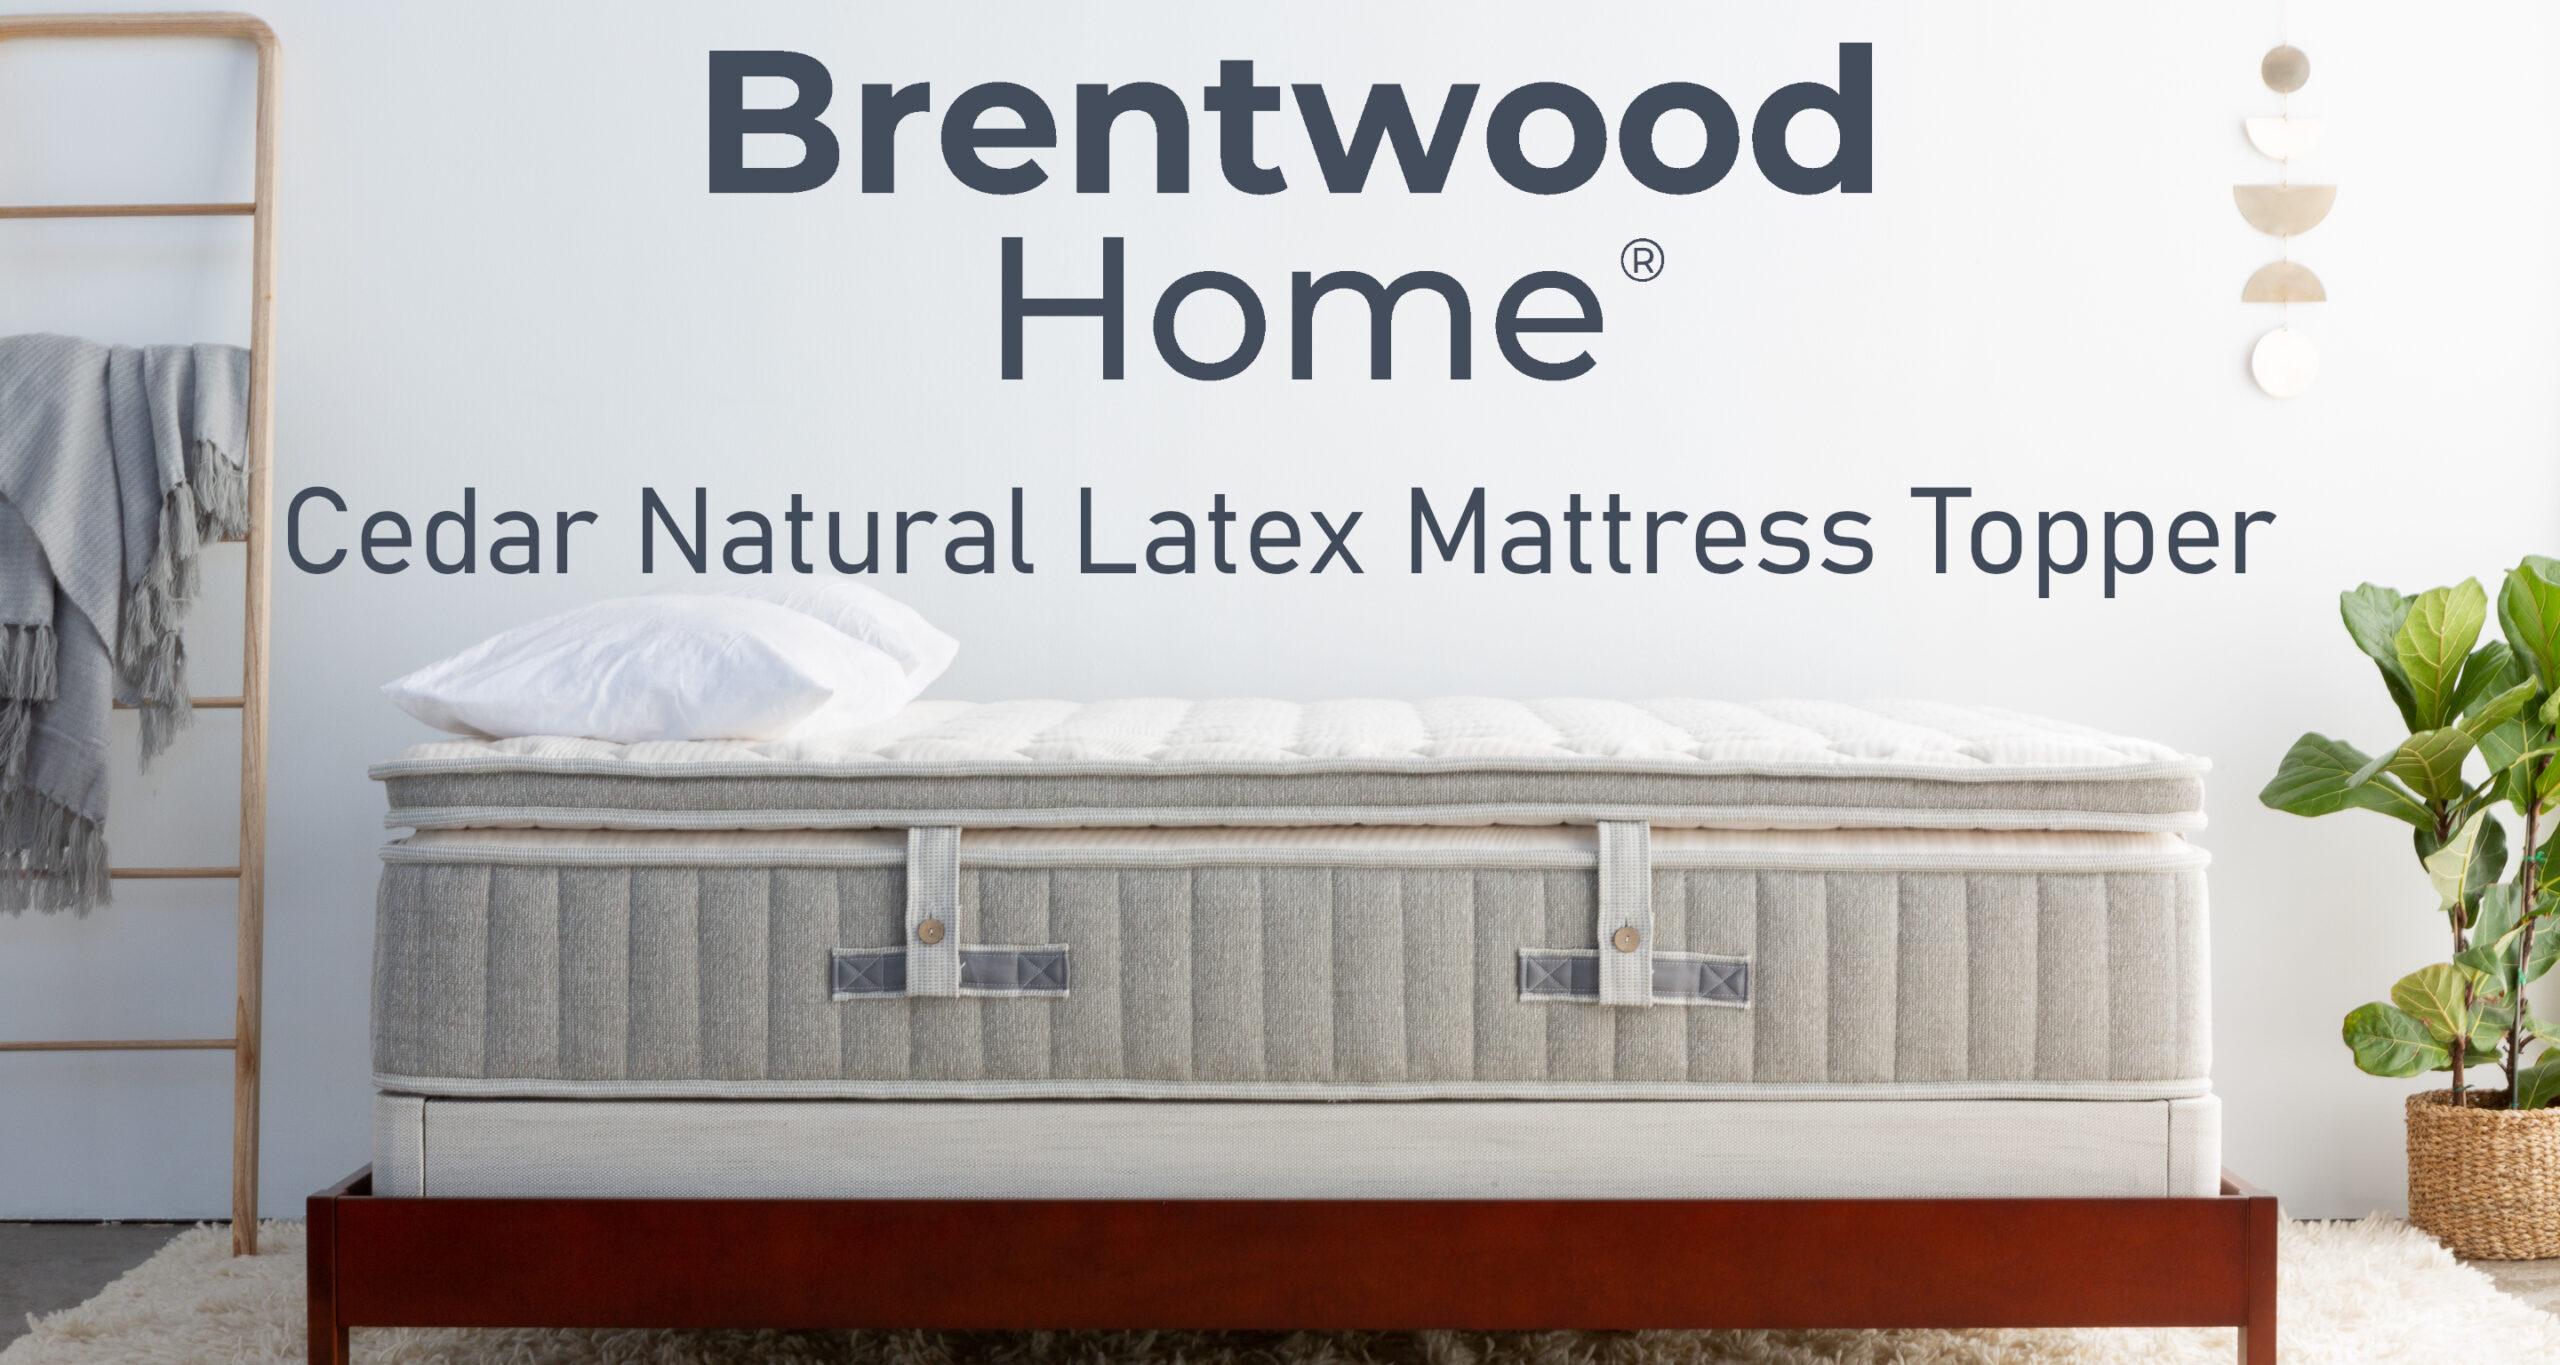 brentwood home cedar natural latex mattress topper review